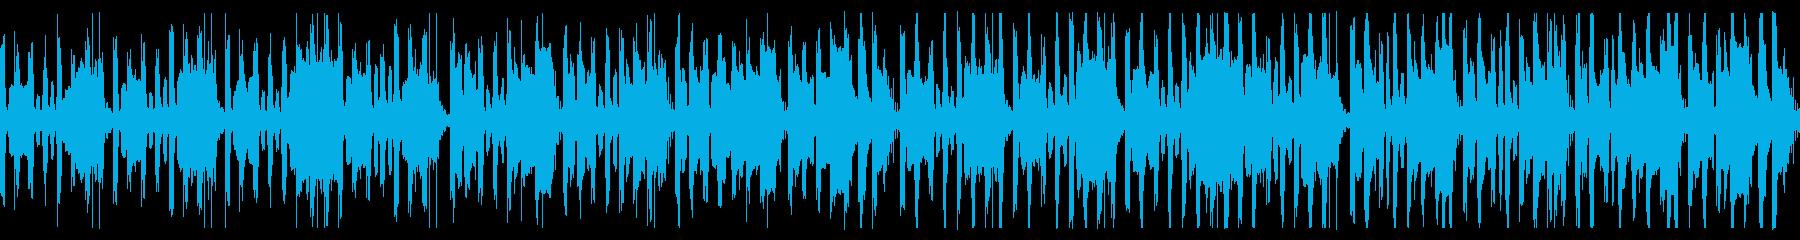 楽しい、かわいい、シンプルな行進曲ループの再生済みの波形